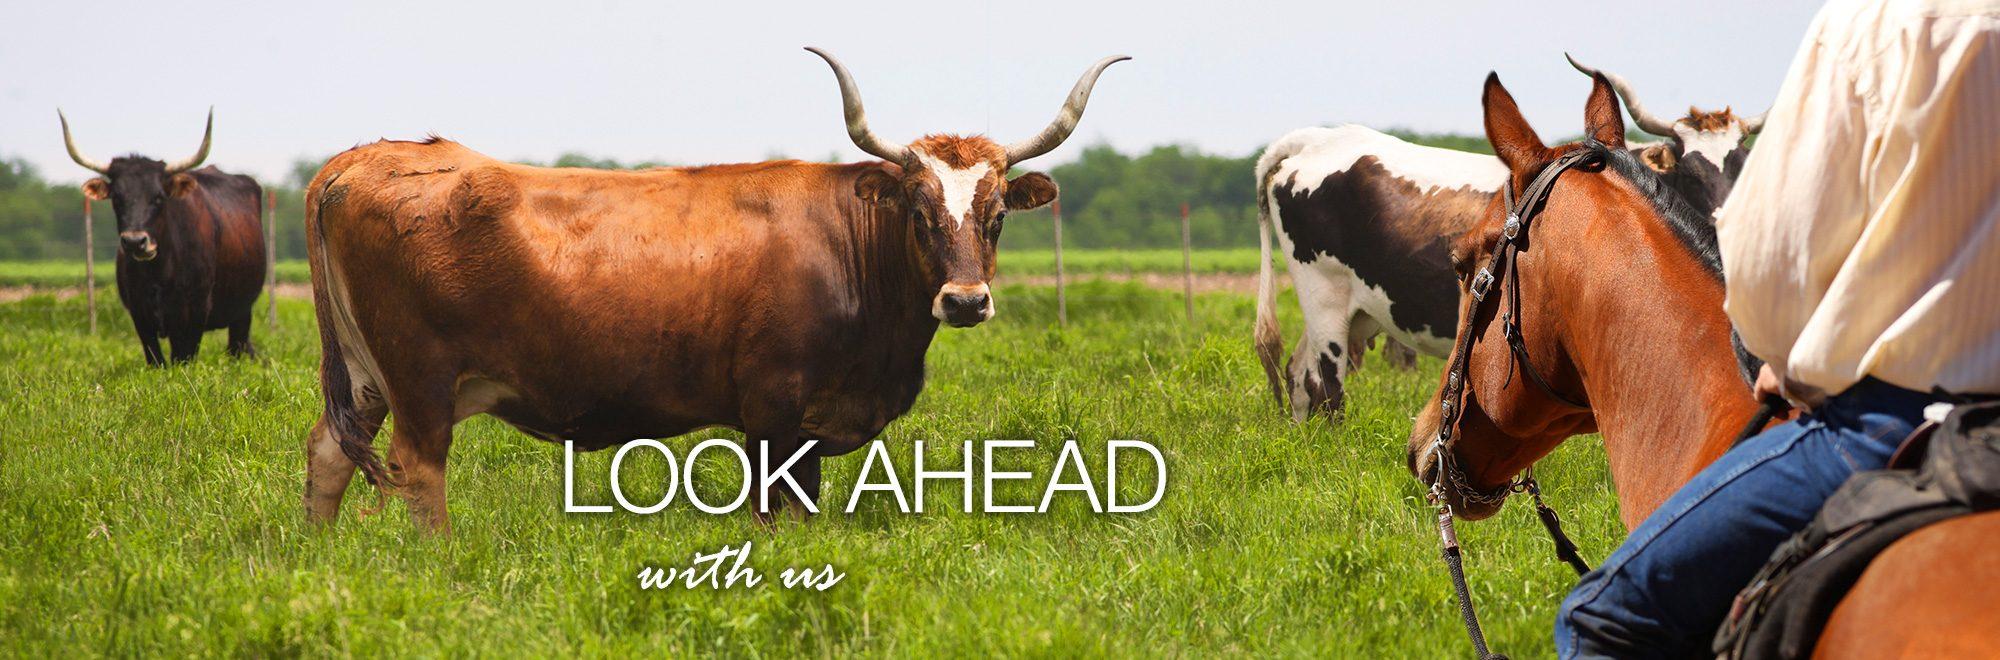 2016 Ranch Look Ahead